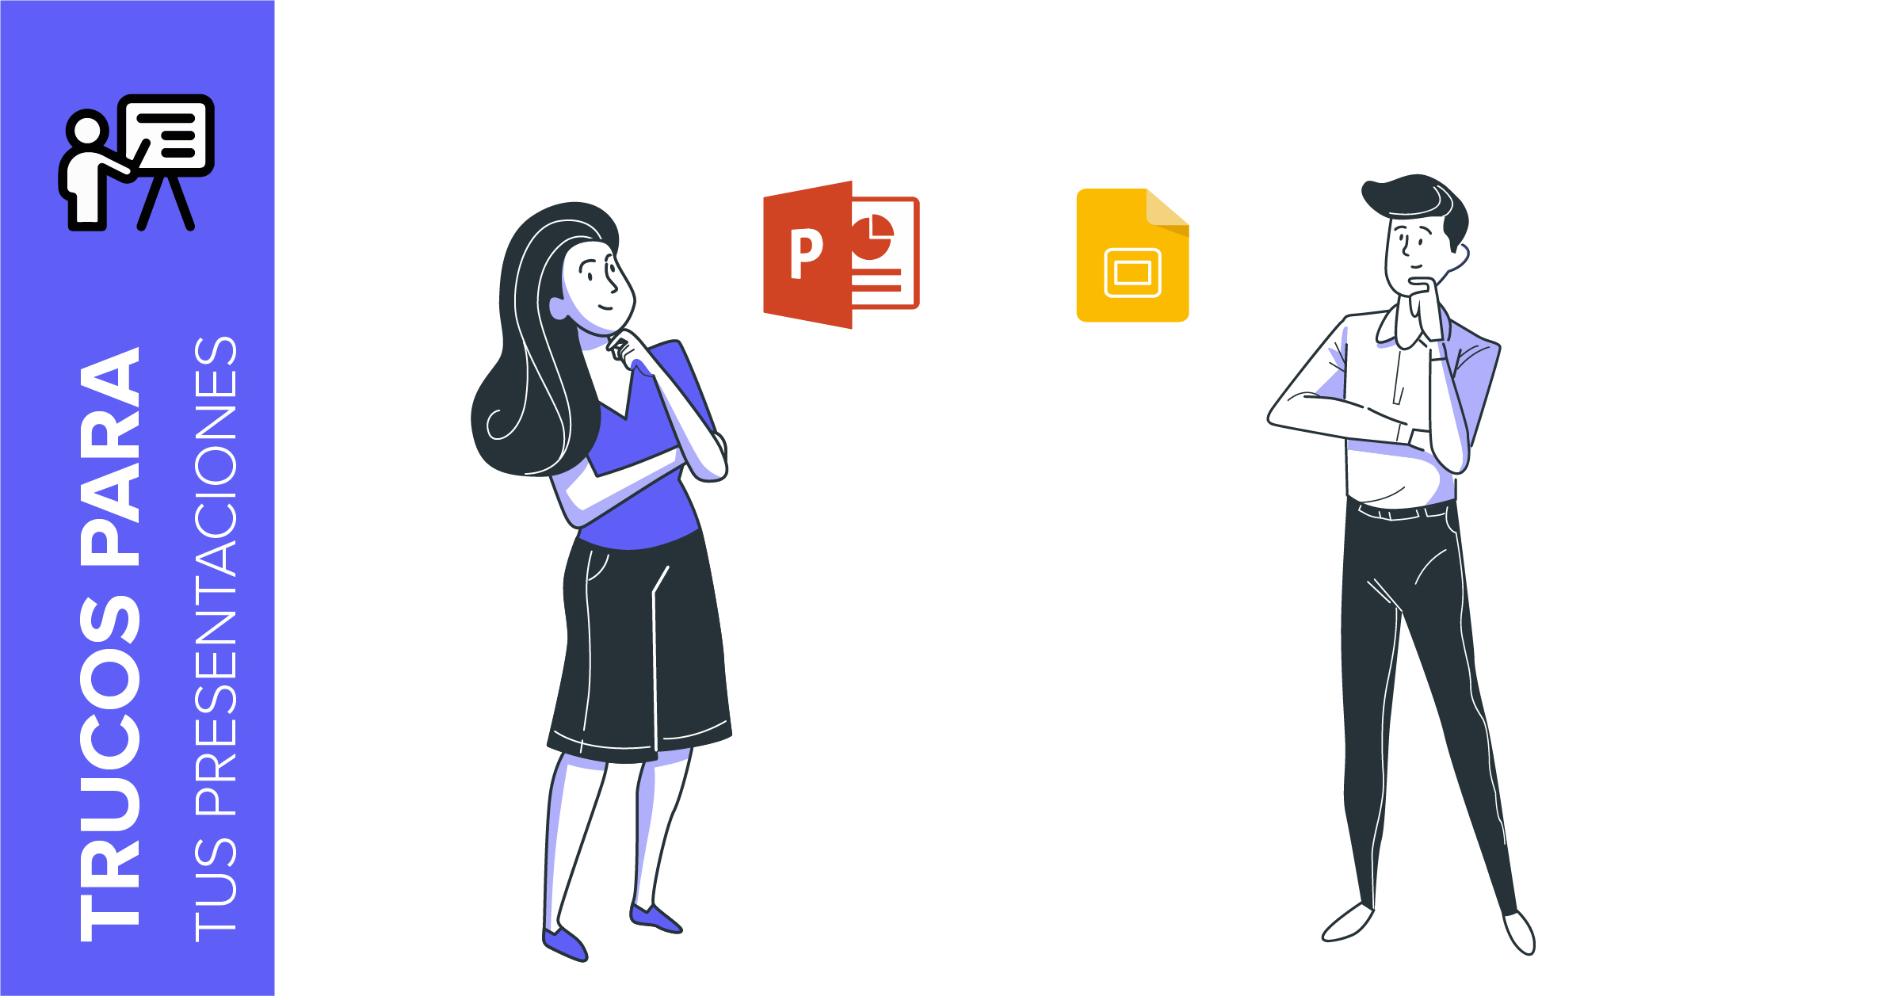 5 ventajas de usar PowerPoint y Google Slides para tus presentaciones | Tutoriales y Tips para tus presentaciones